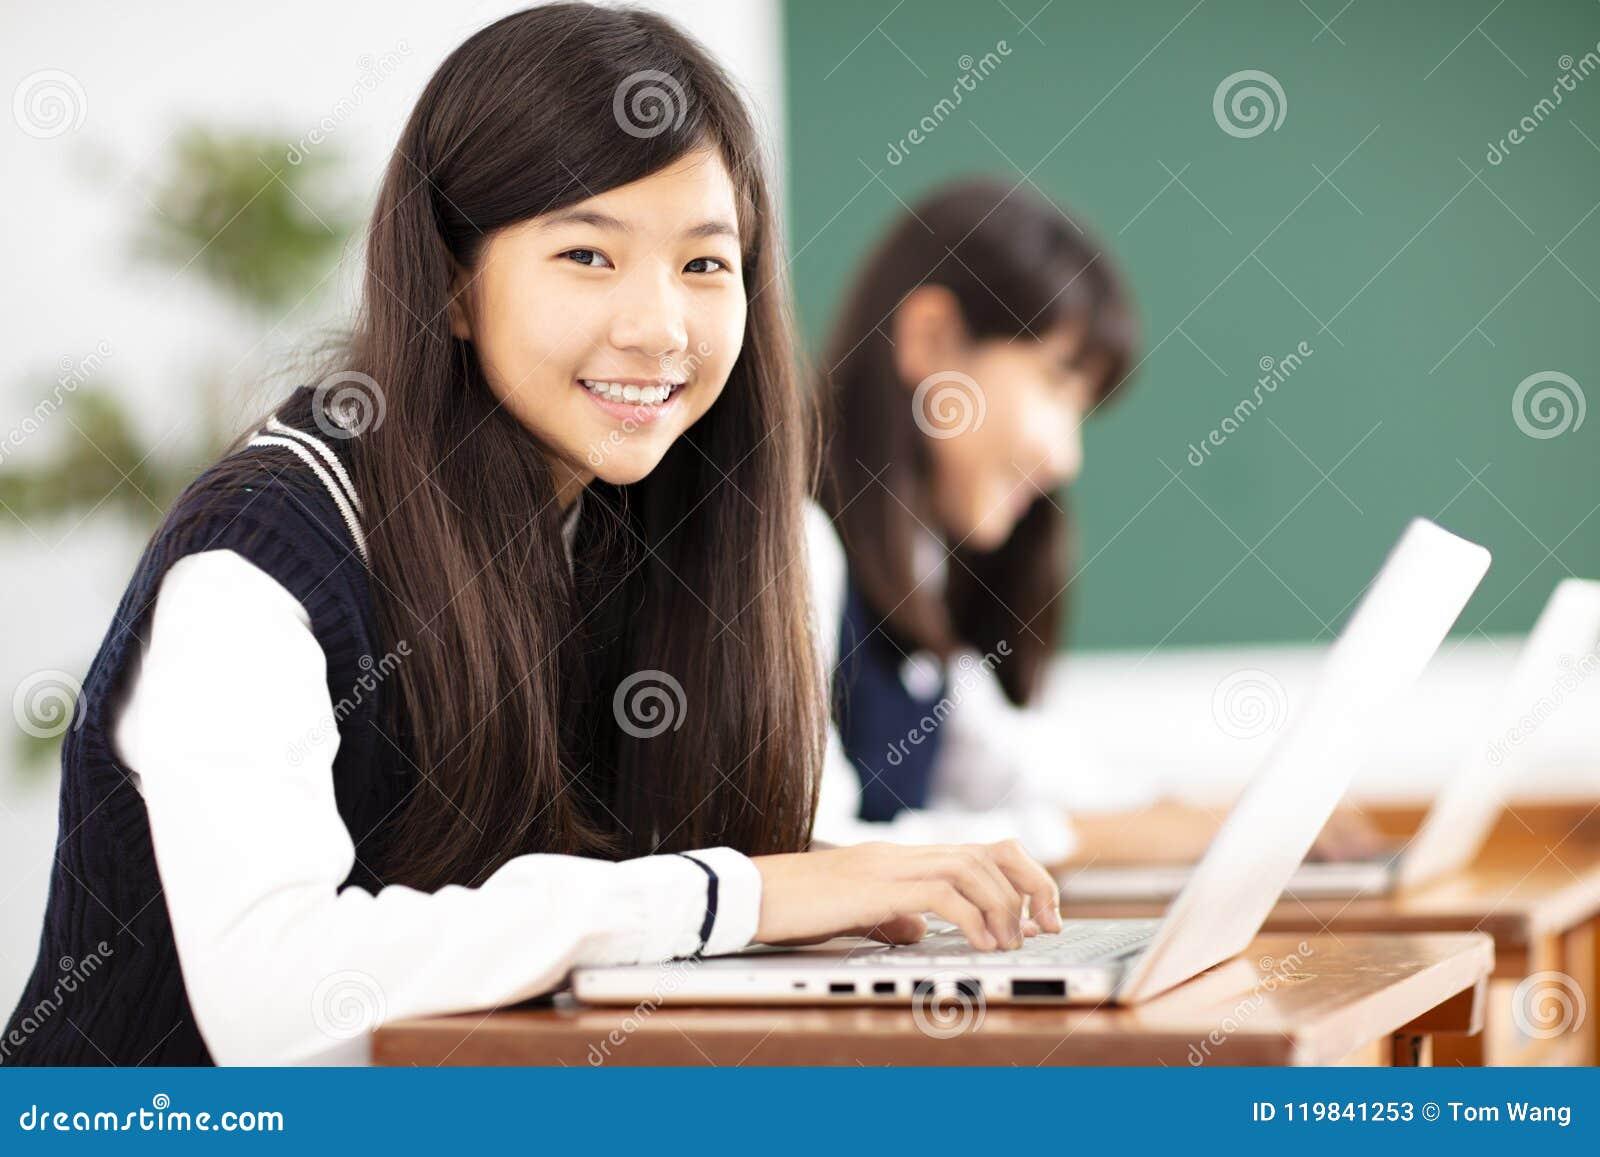 Σπουδαστής εφήβων που μαθαίνει on-line με το lap-top στην τάξη